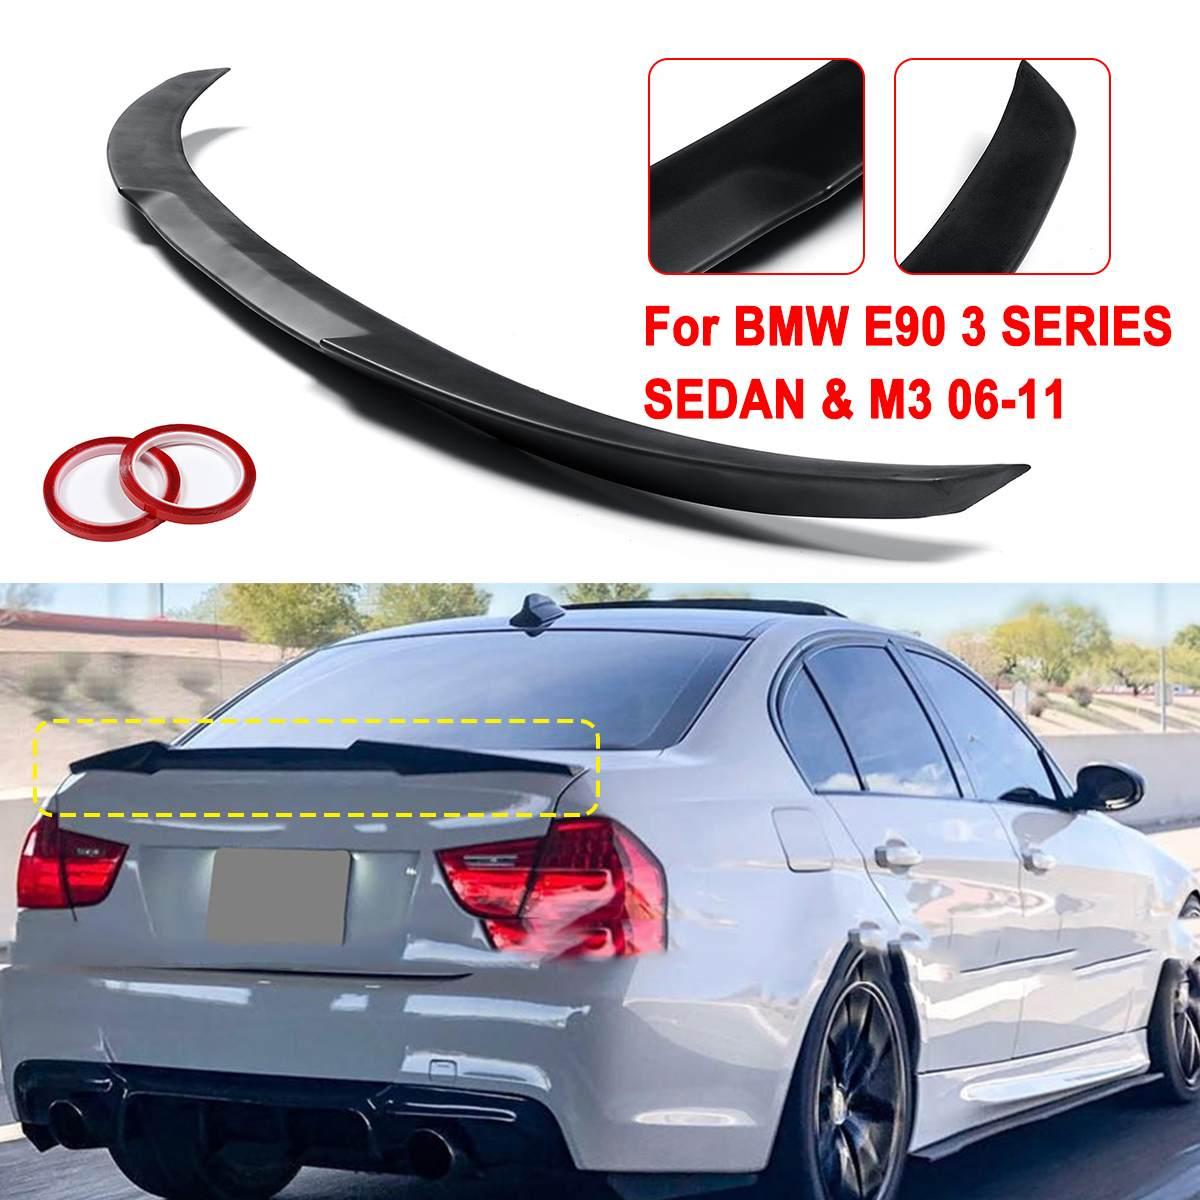 Matt/Glänzend Schwarz/carbon faser Stil ABS heckspoiler Flügel M4-STYLE FÜR 2006-2011 Für BMW E90 3 SERIE LIMOUSINE & M3 2008-2012